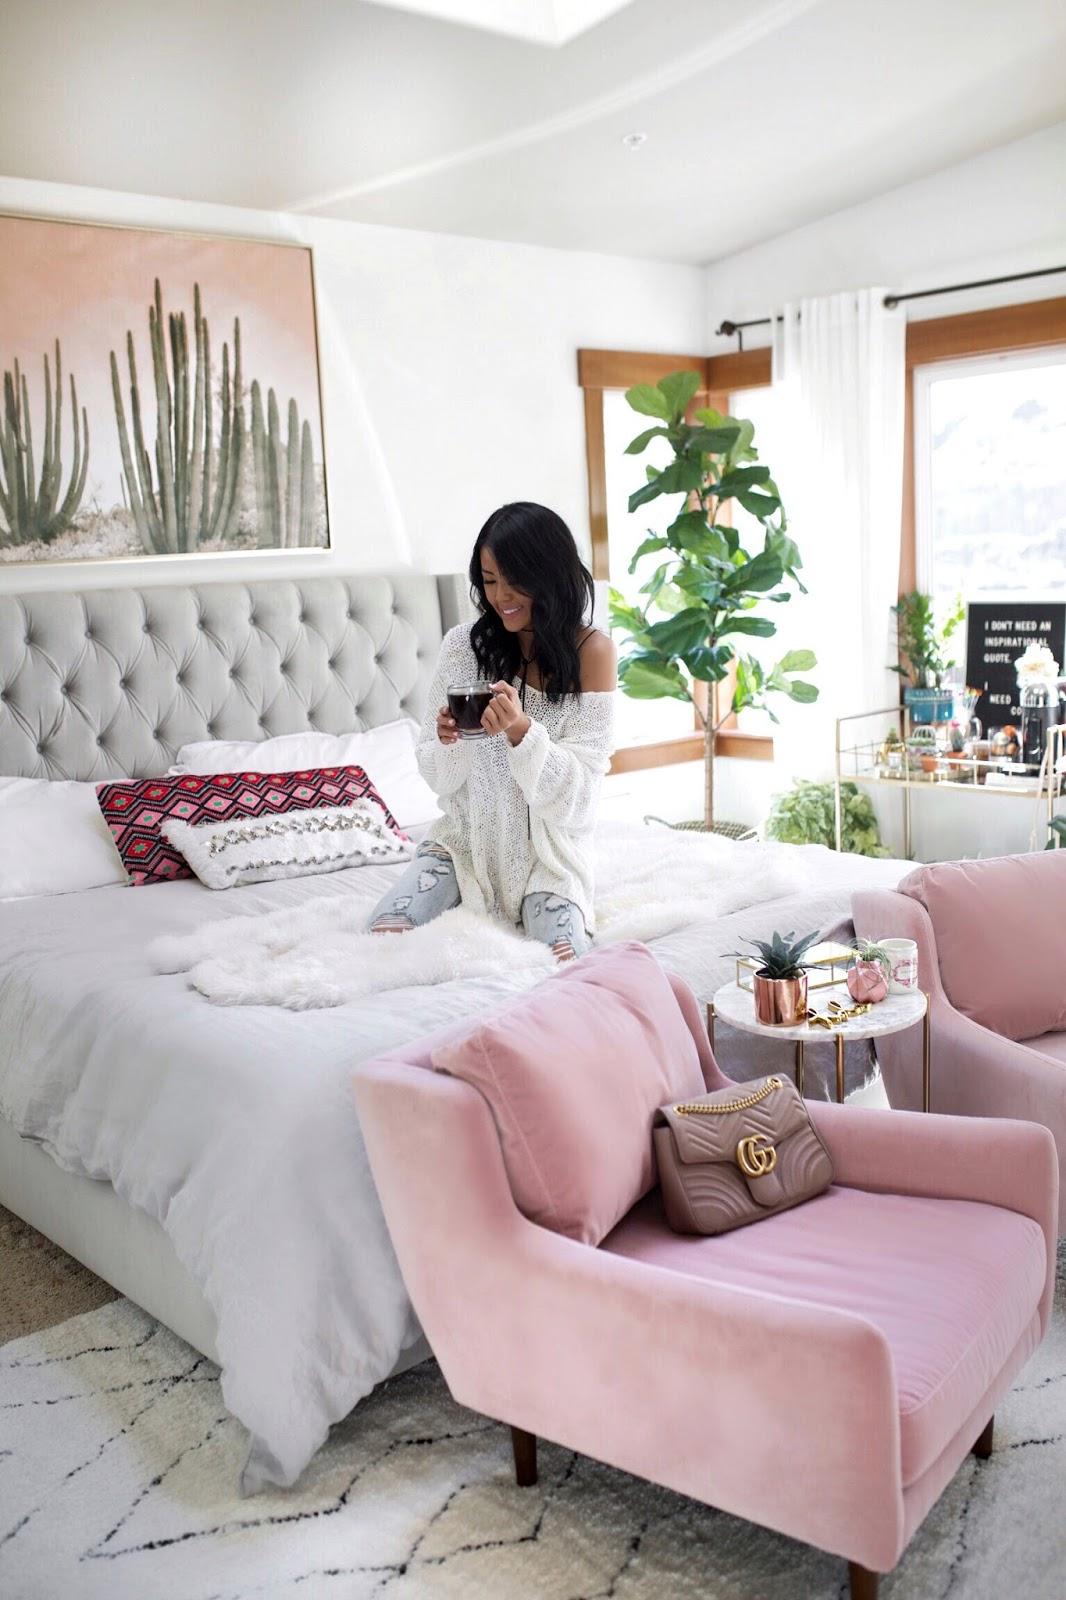 Gypsy Tan Blogger Bedroom Inspiration